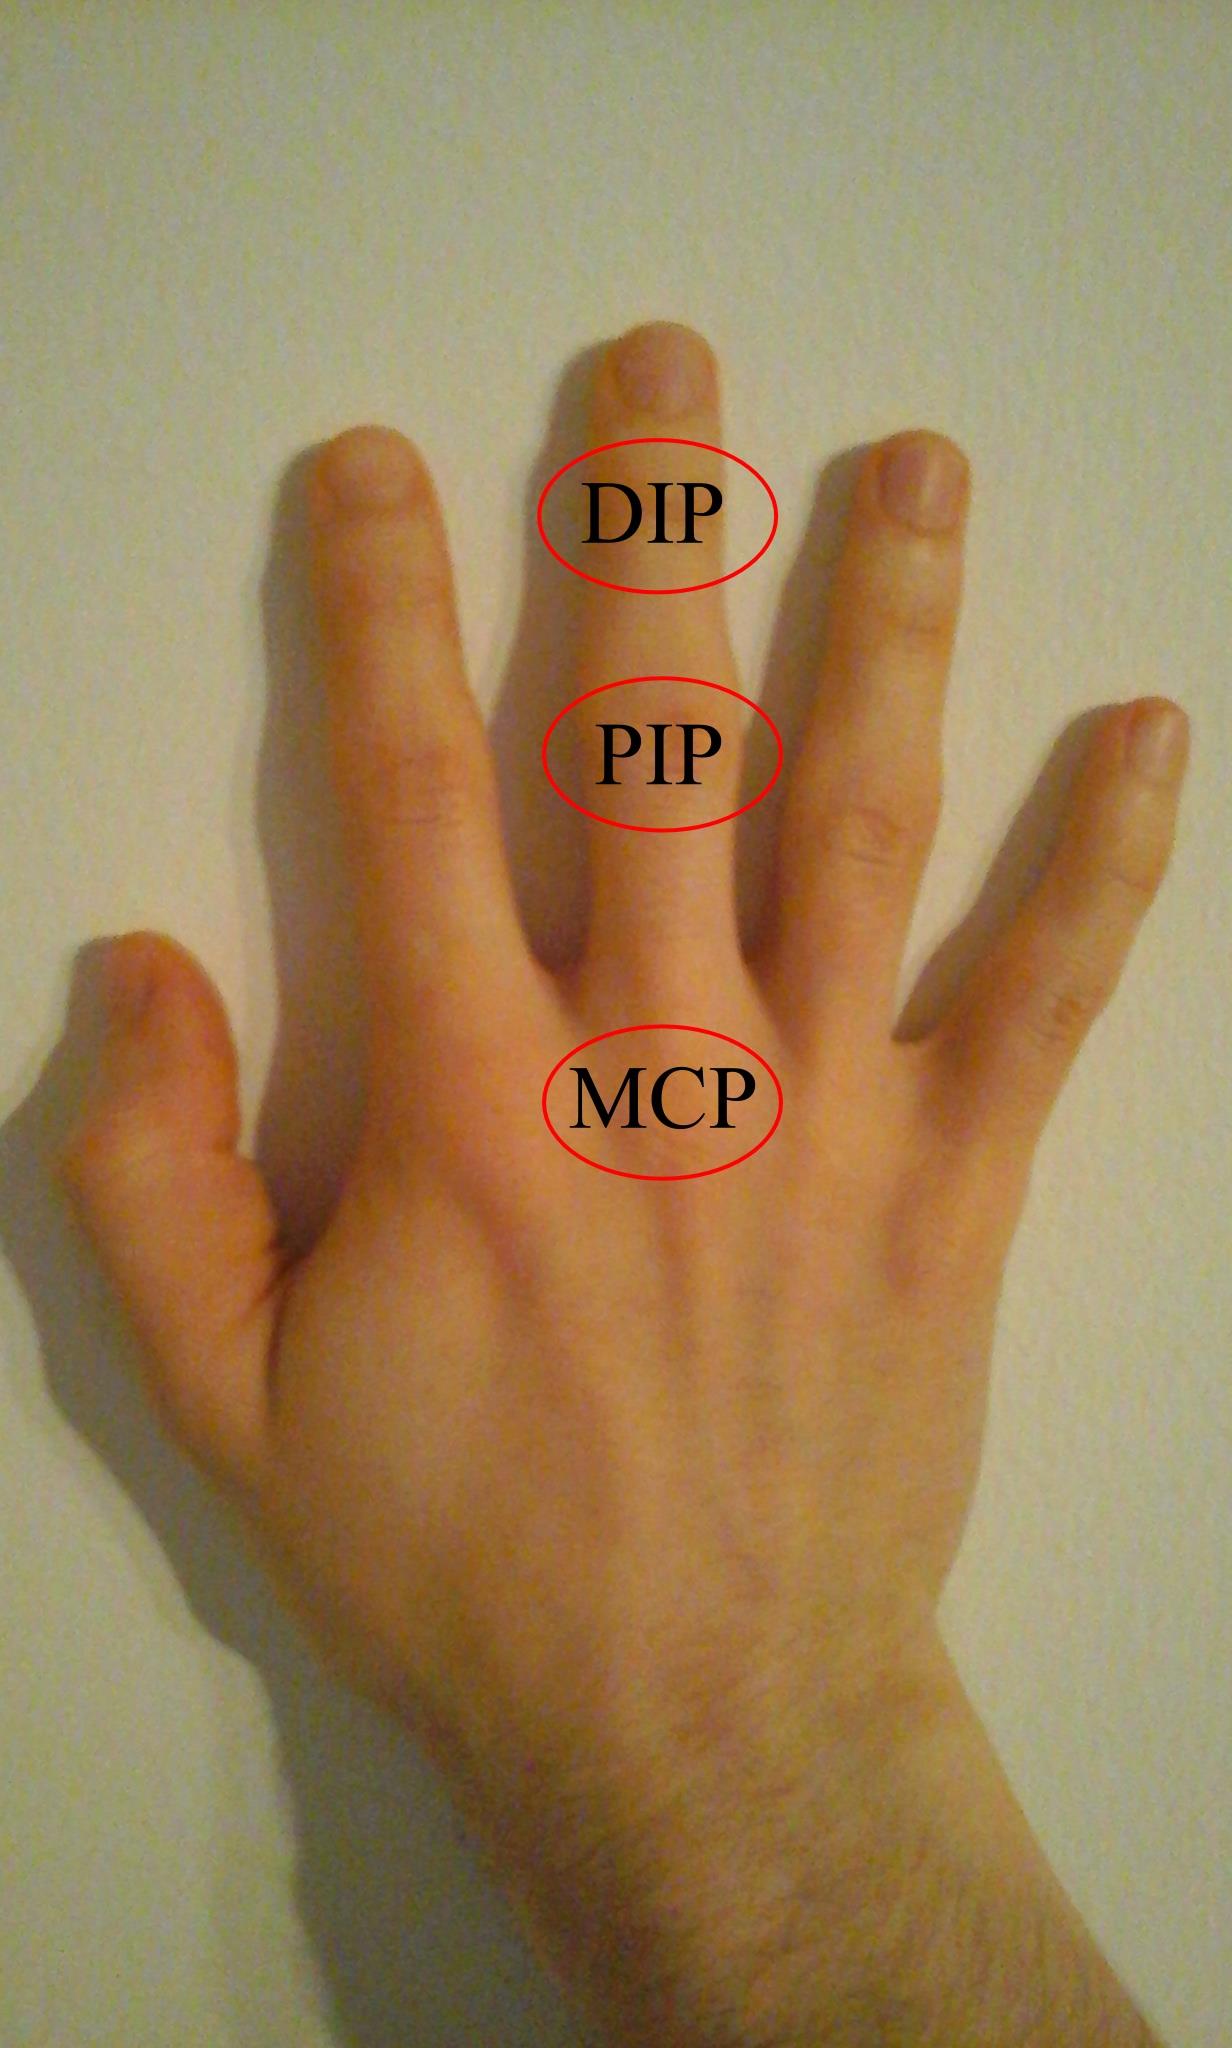 Dr. Diag - Ízületi endoprothesis körüli pyogén infekció